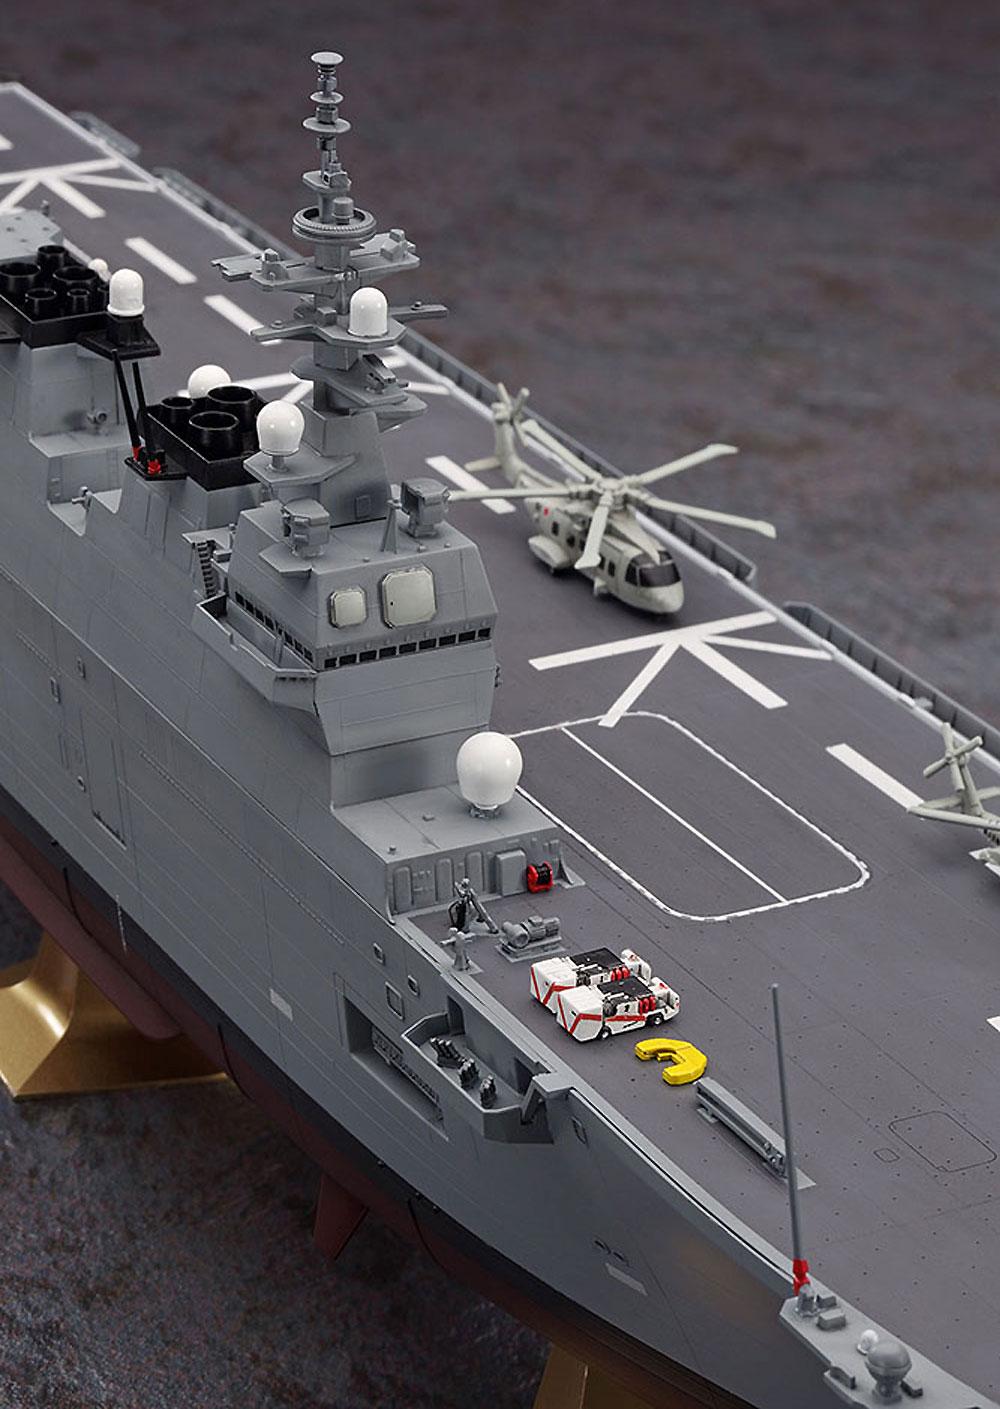 海上自衛隊 ヘリコプター搭載護衛艦 ひゅうがプラモデル(ハセガワ1/450 有名艦船シリーズNo.Z004)商品画像_4